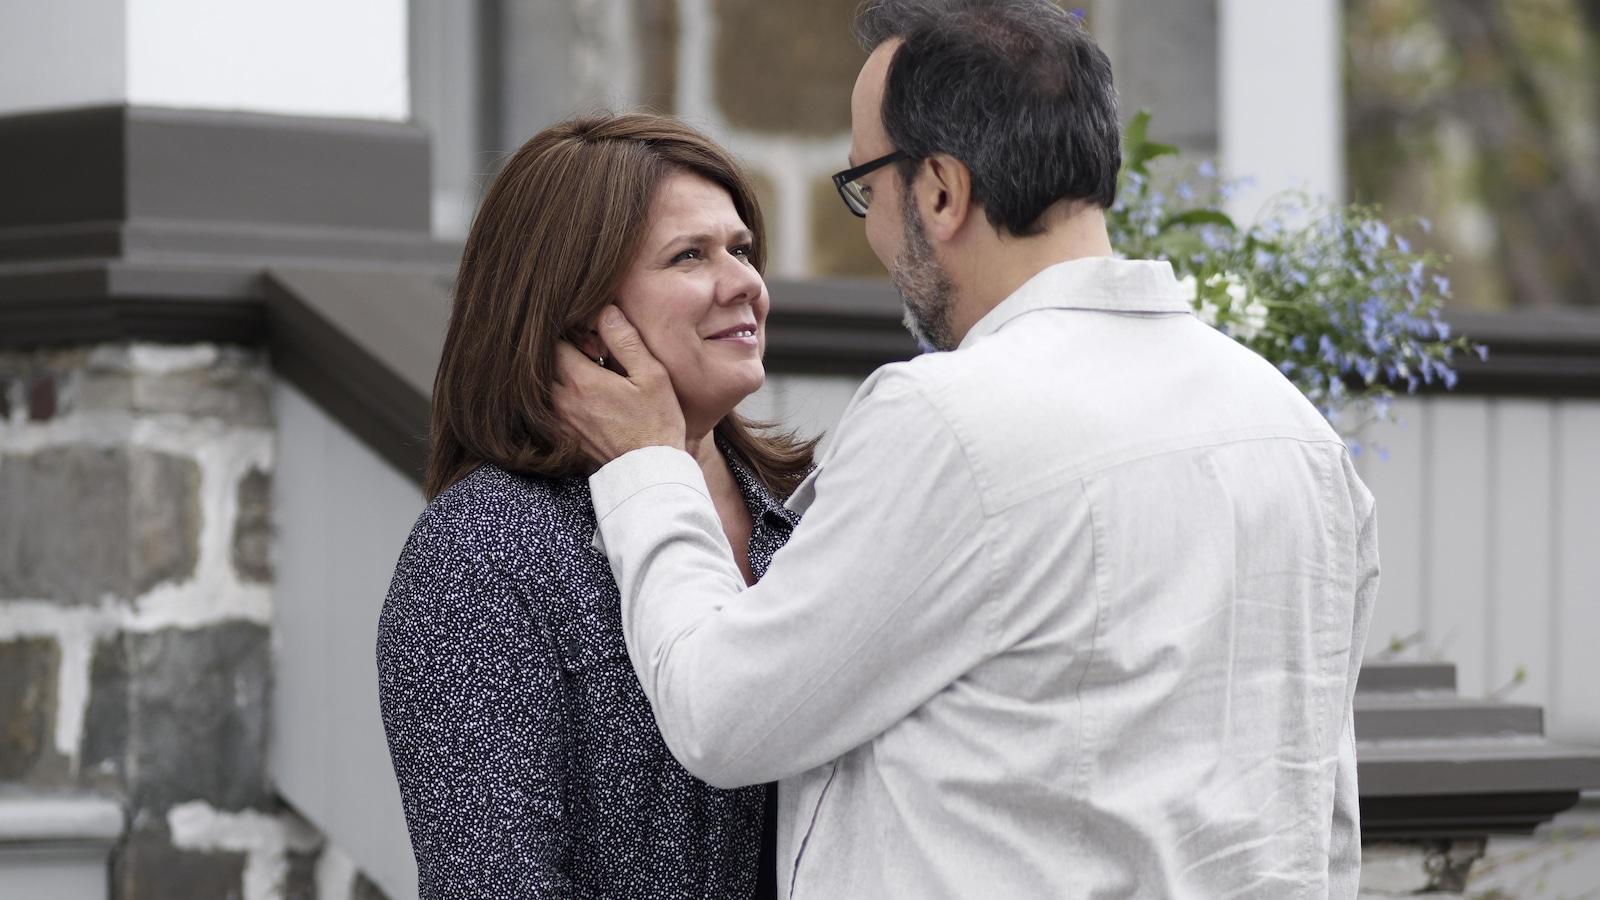 Marina Orsini et Yves Soutère dans Une autre histoire.